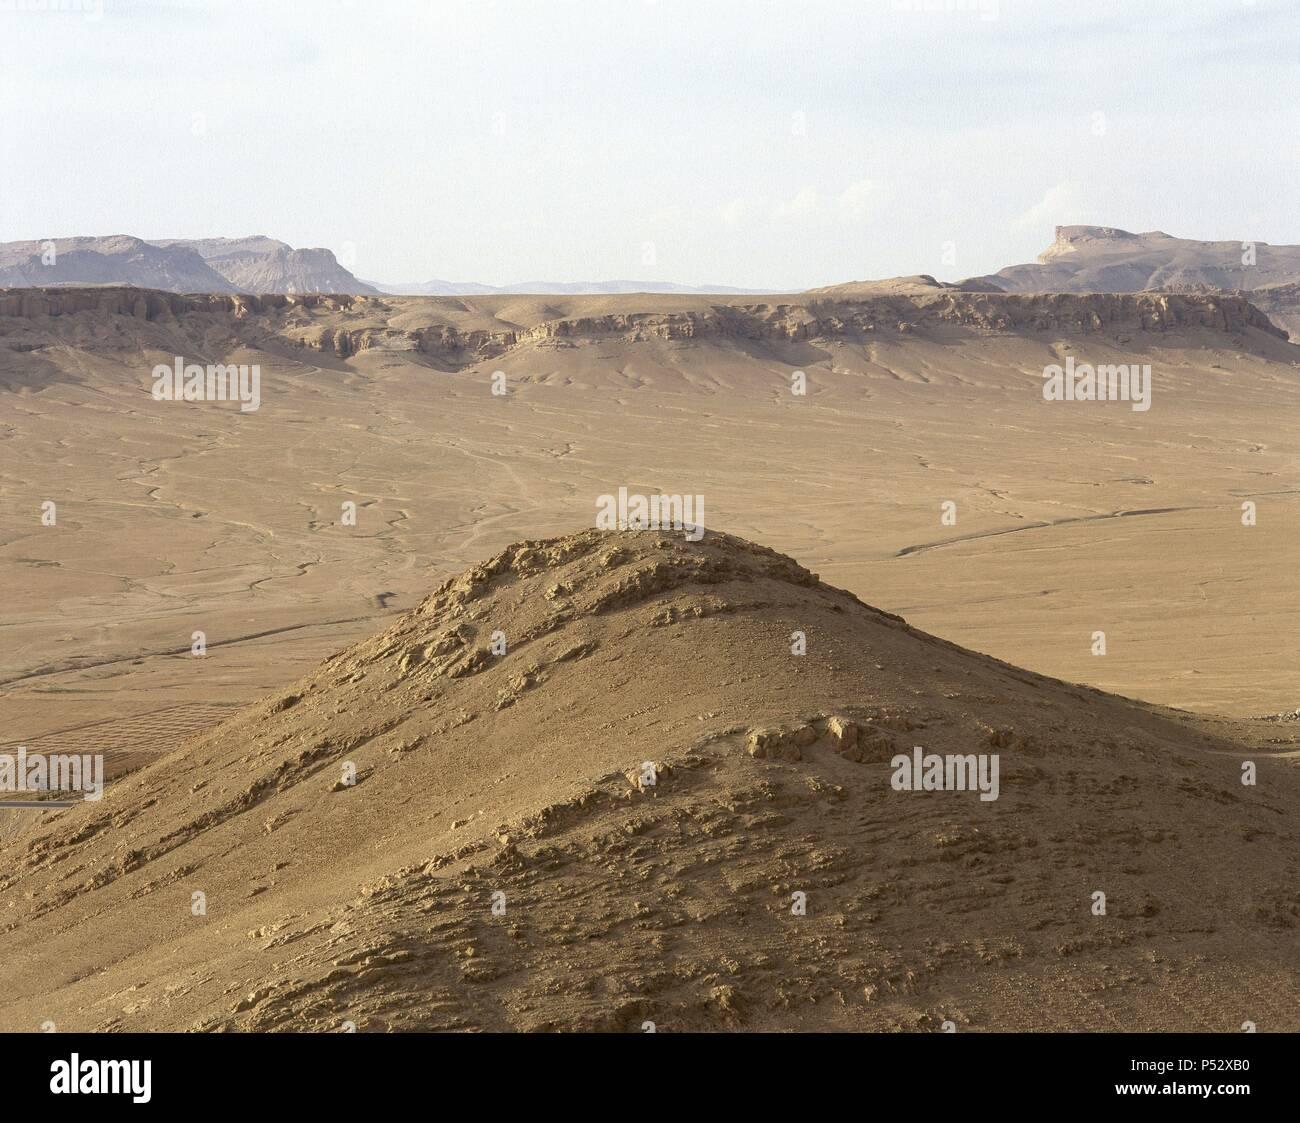 SIRIA. Panorámica del PAISAJE DESERTICO en los alrededores de Palmira, en el centro del país. Stock Photo